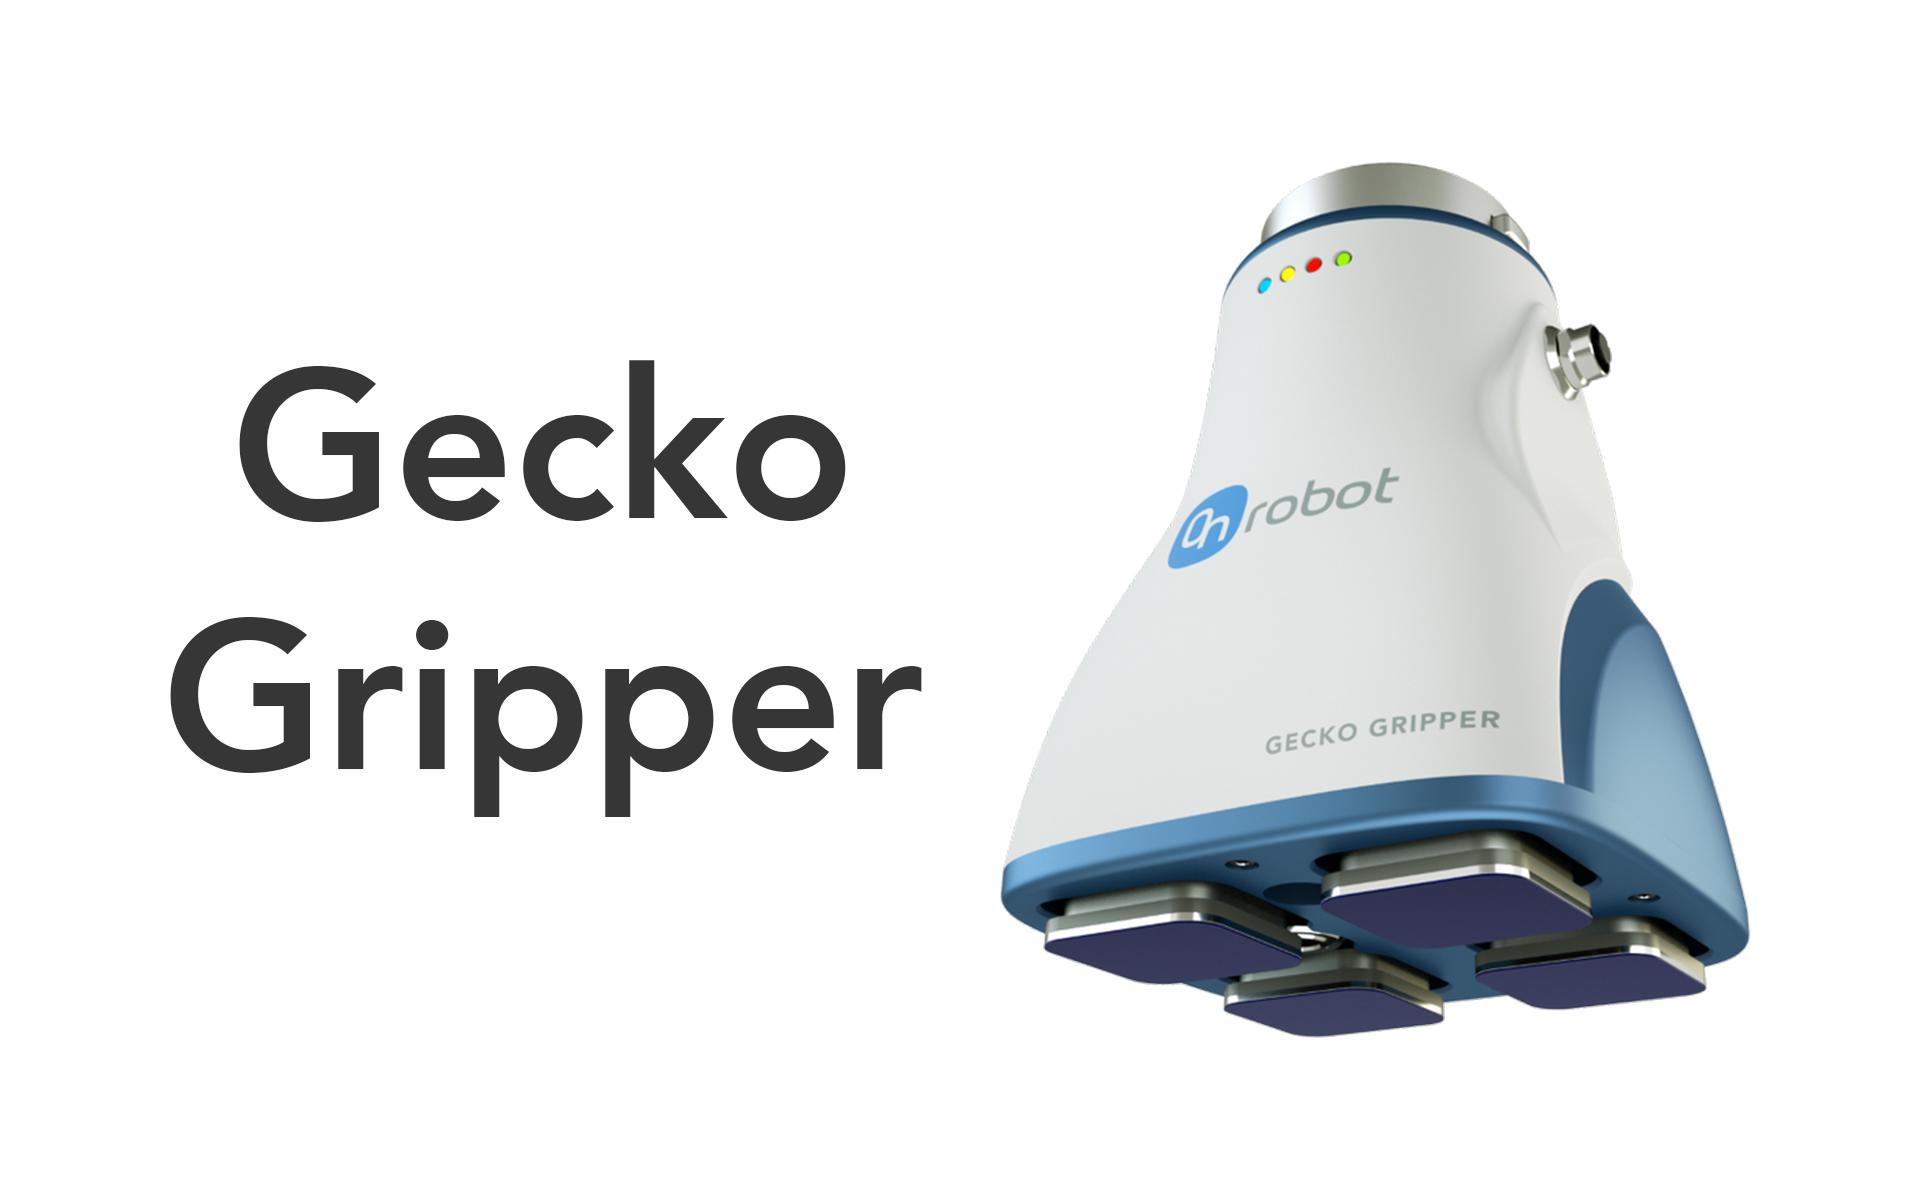 Gecko Gripper Carousel